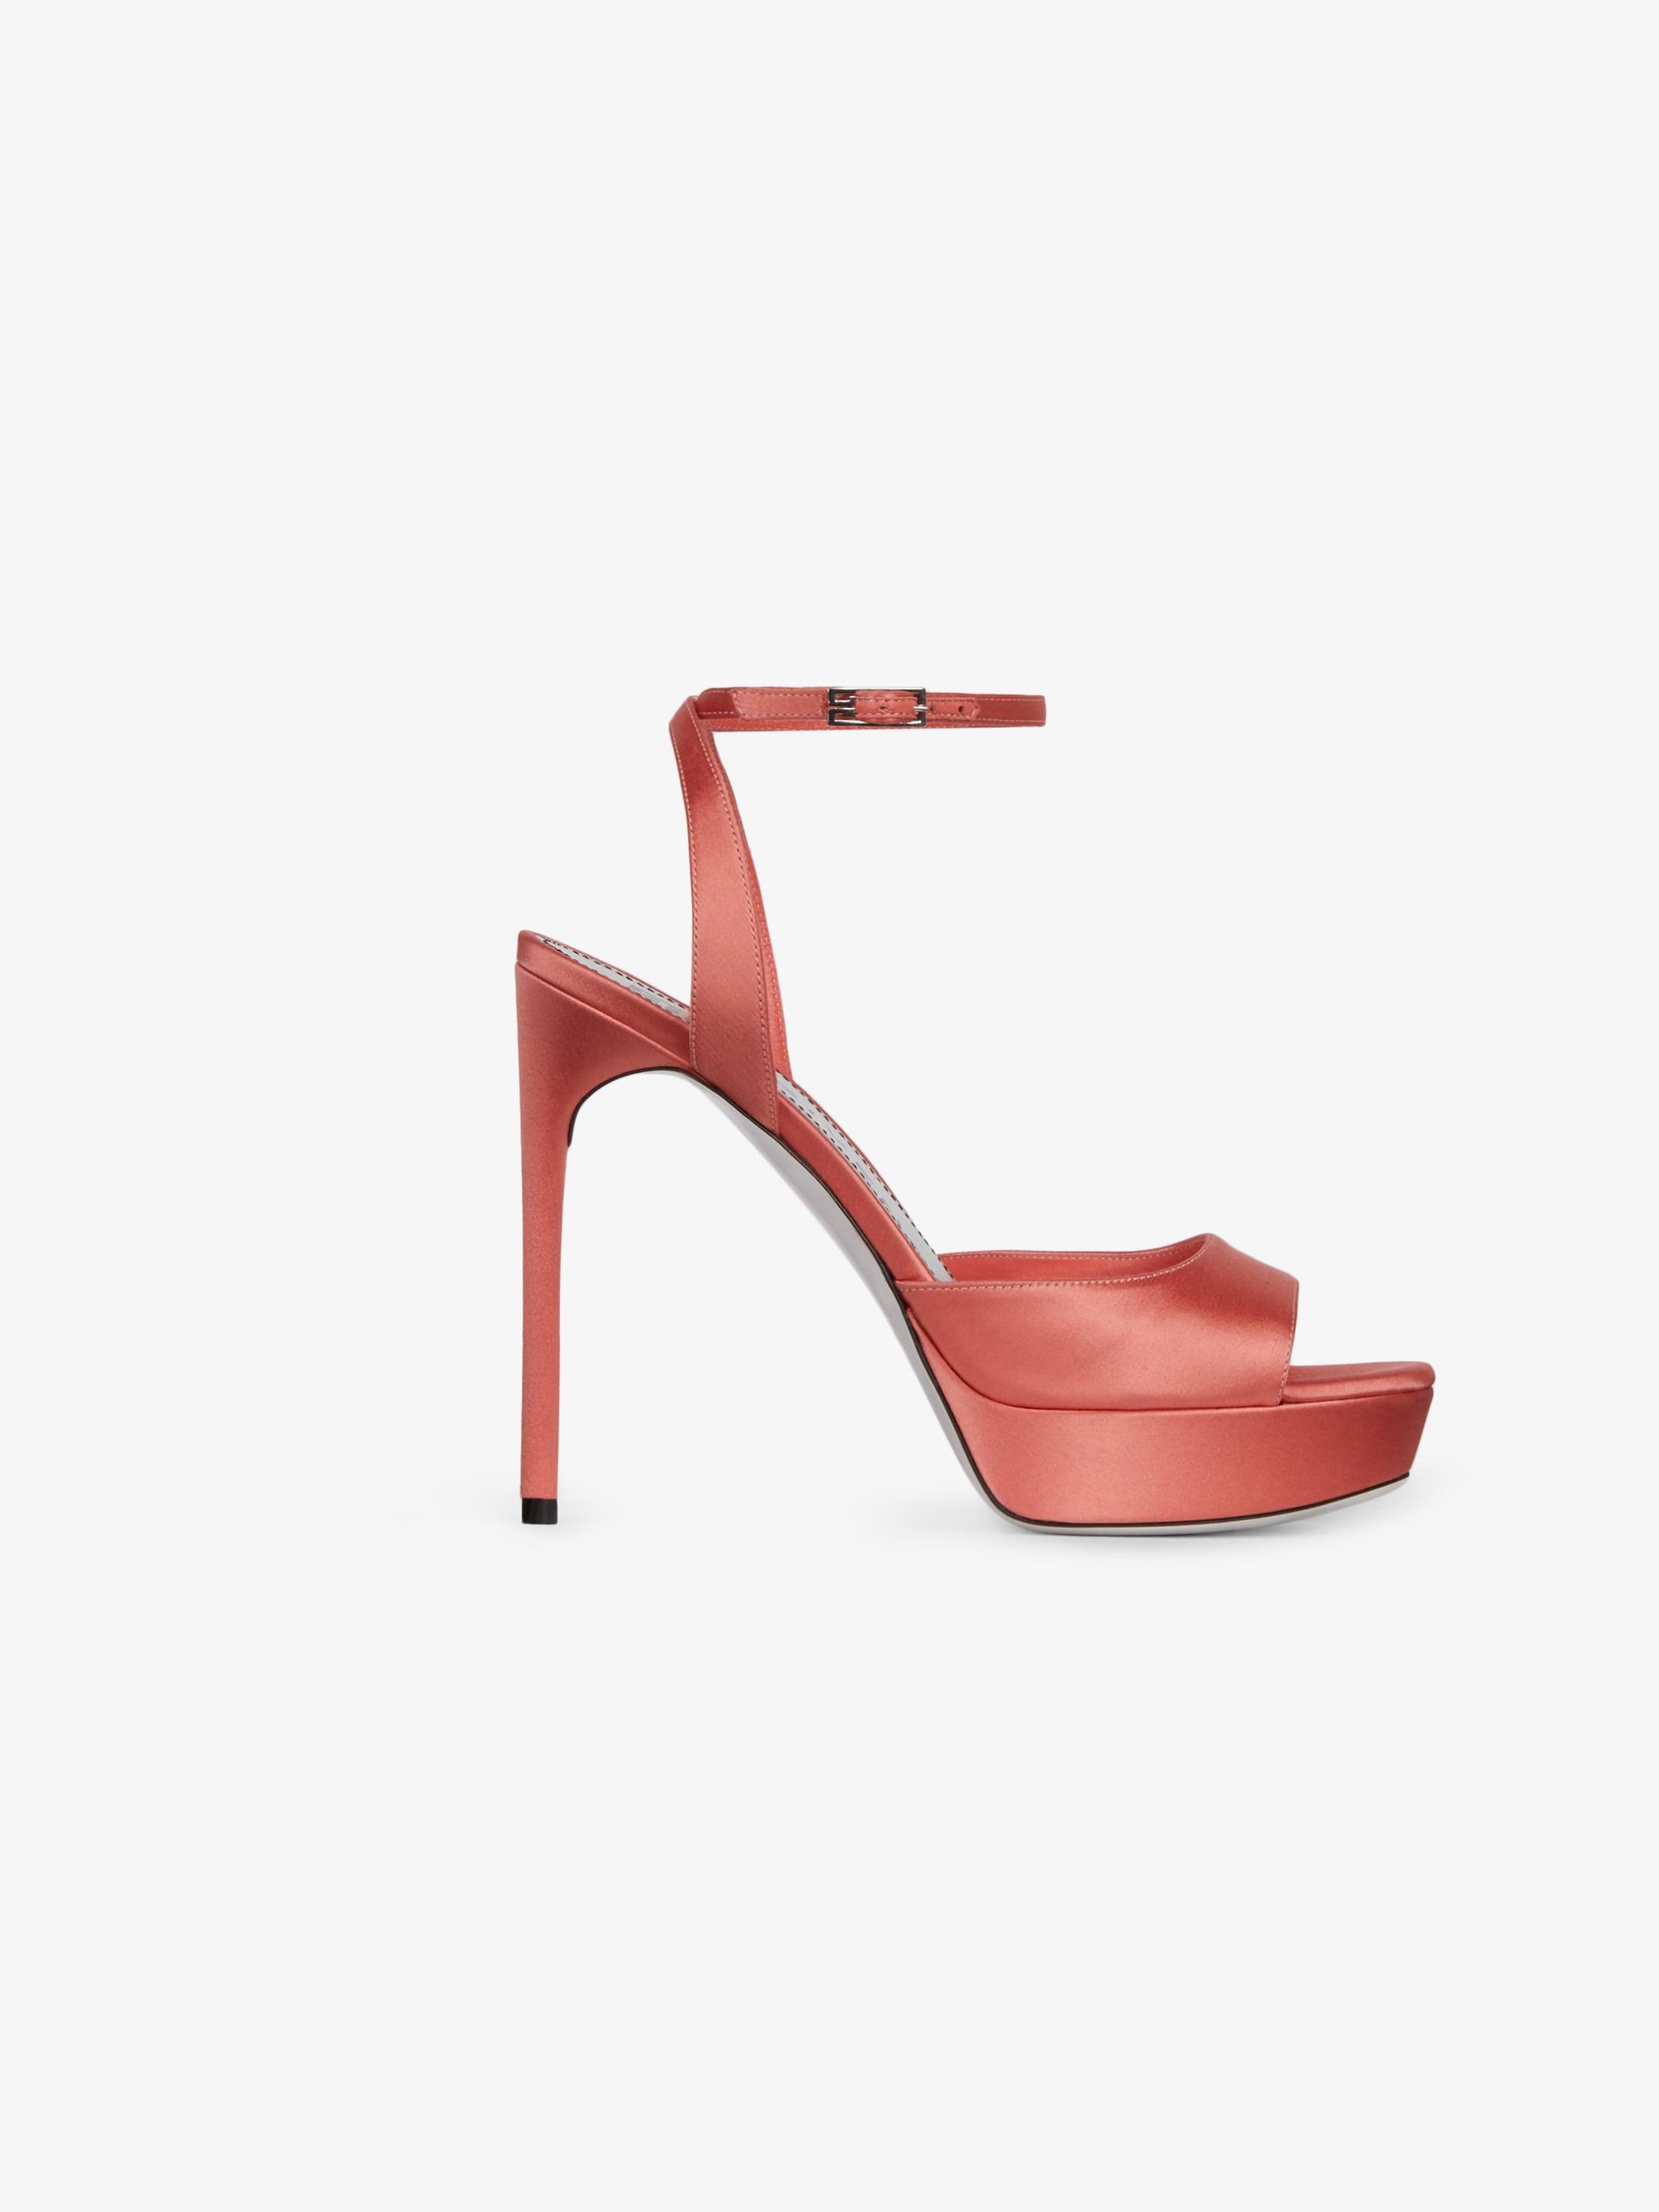 Platform sandals in satin